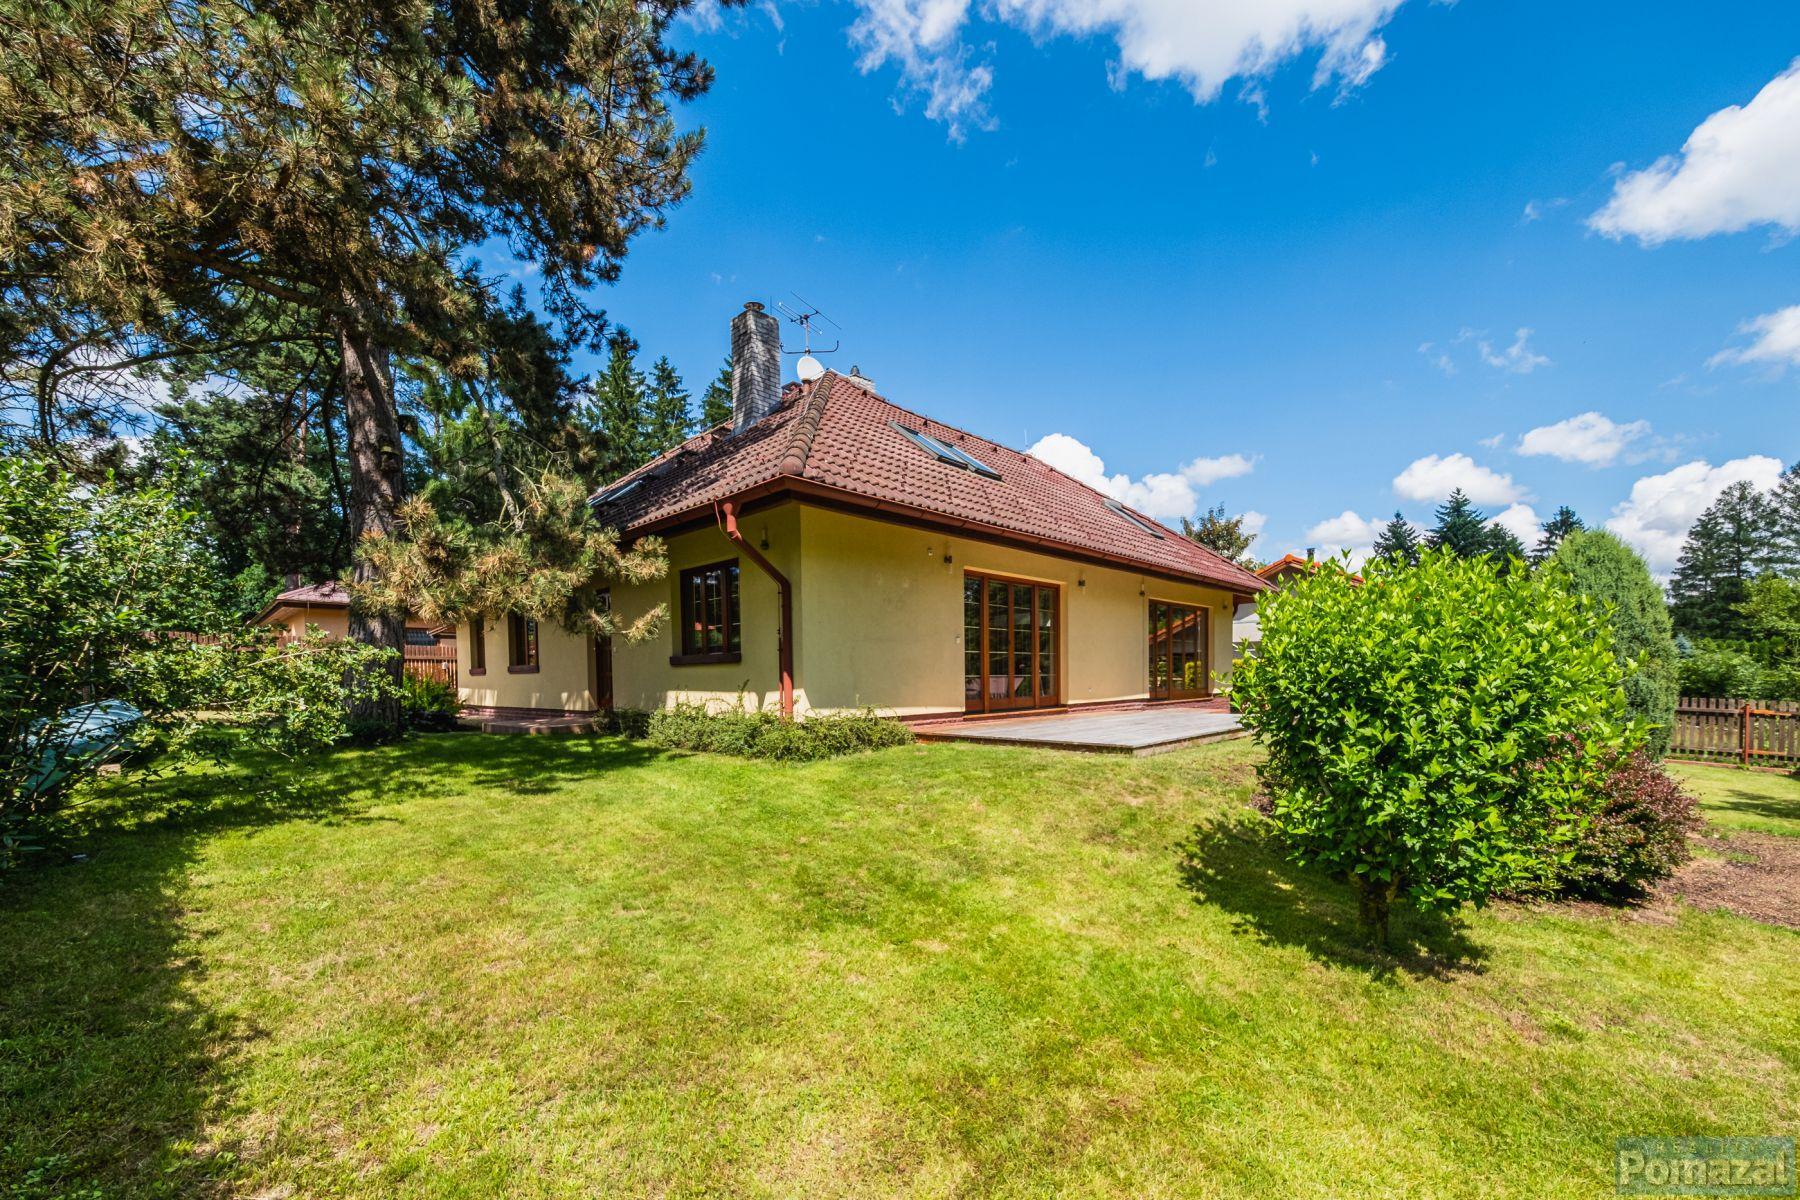 Prodej RD, 6+1, 226m2, pozemek 840m2, Kamenice